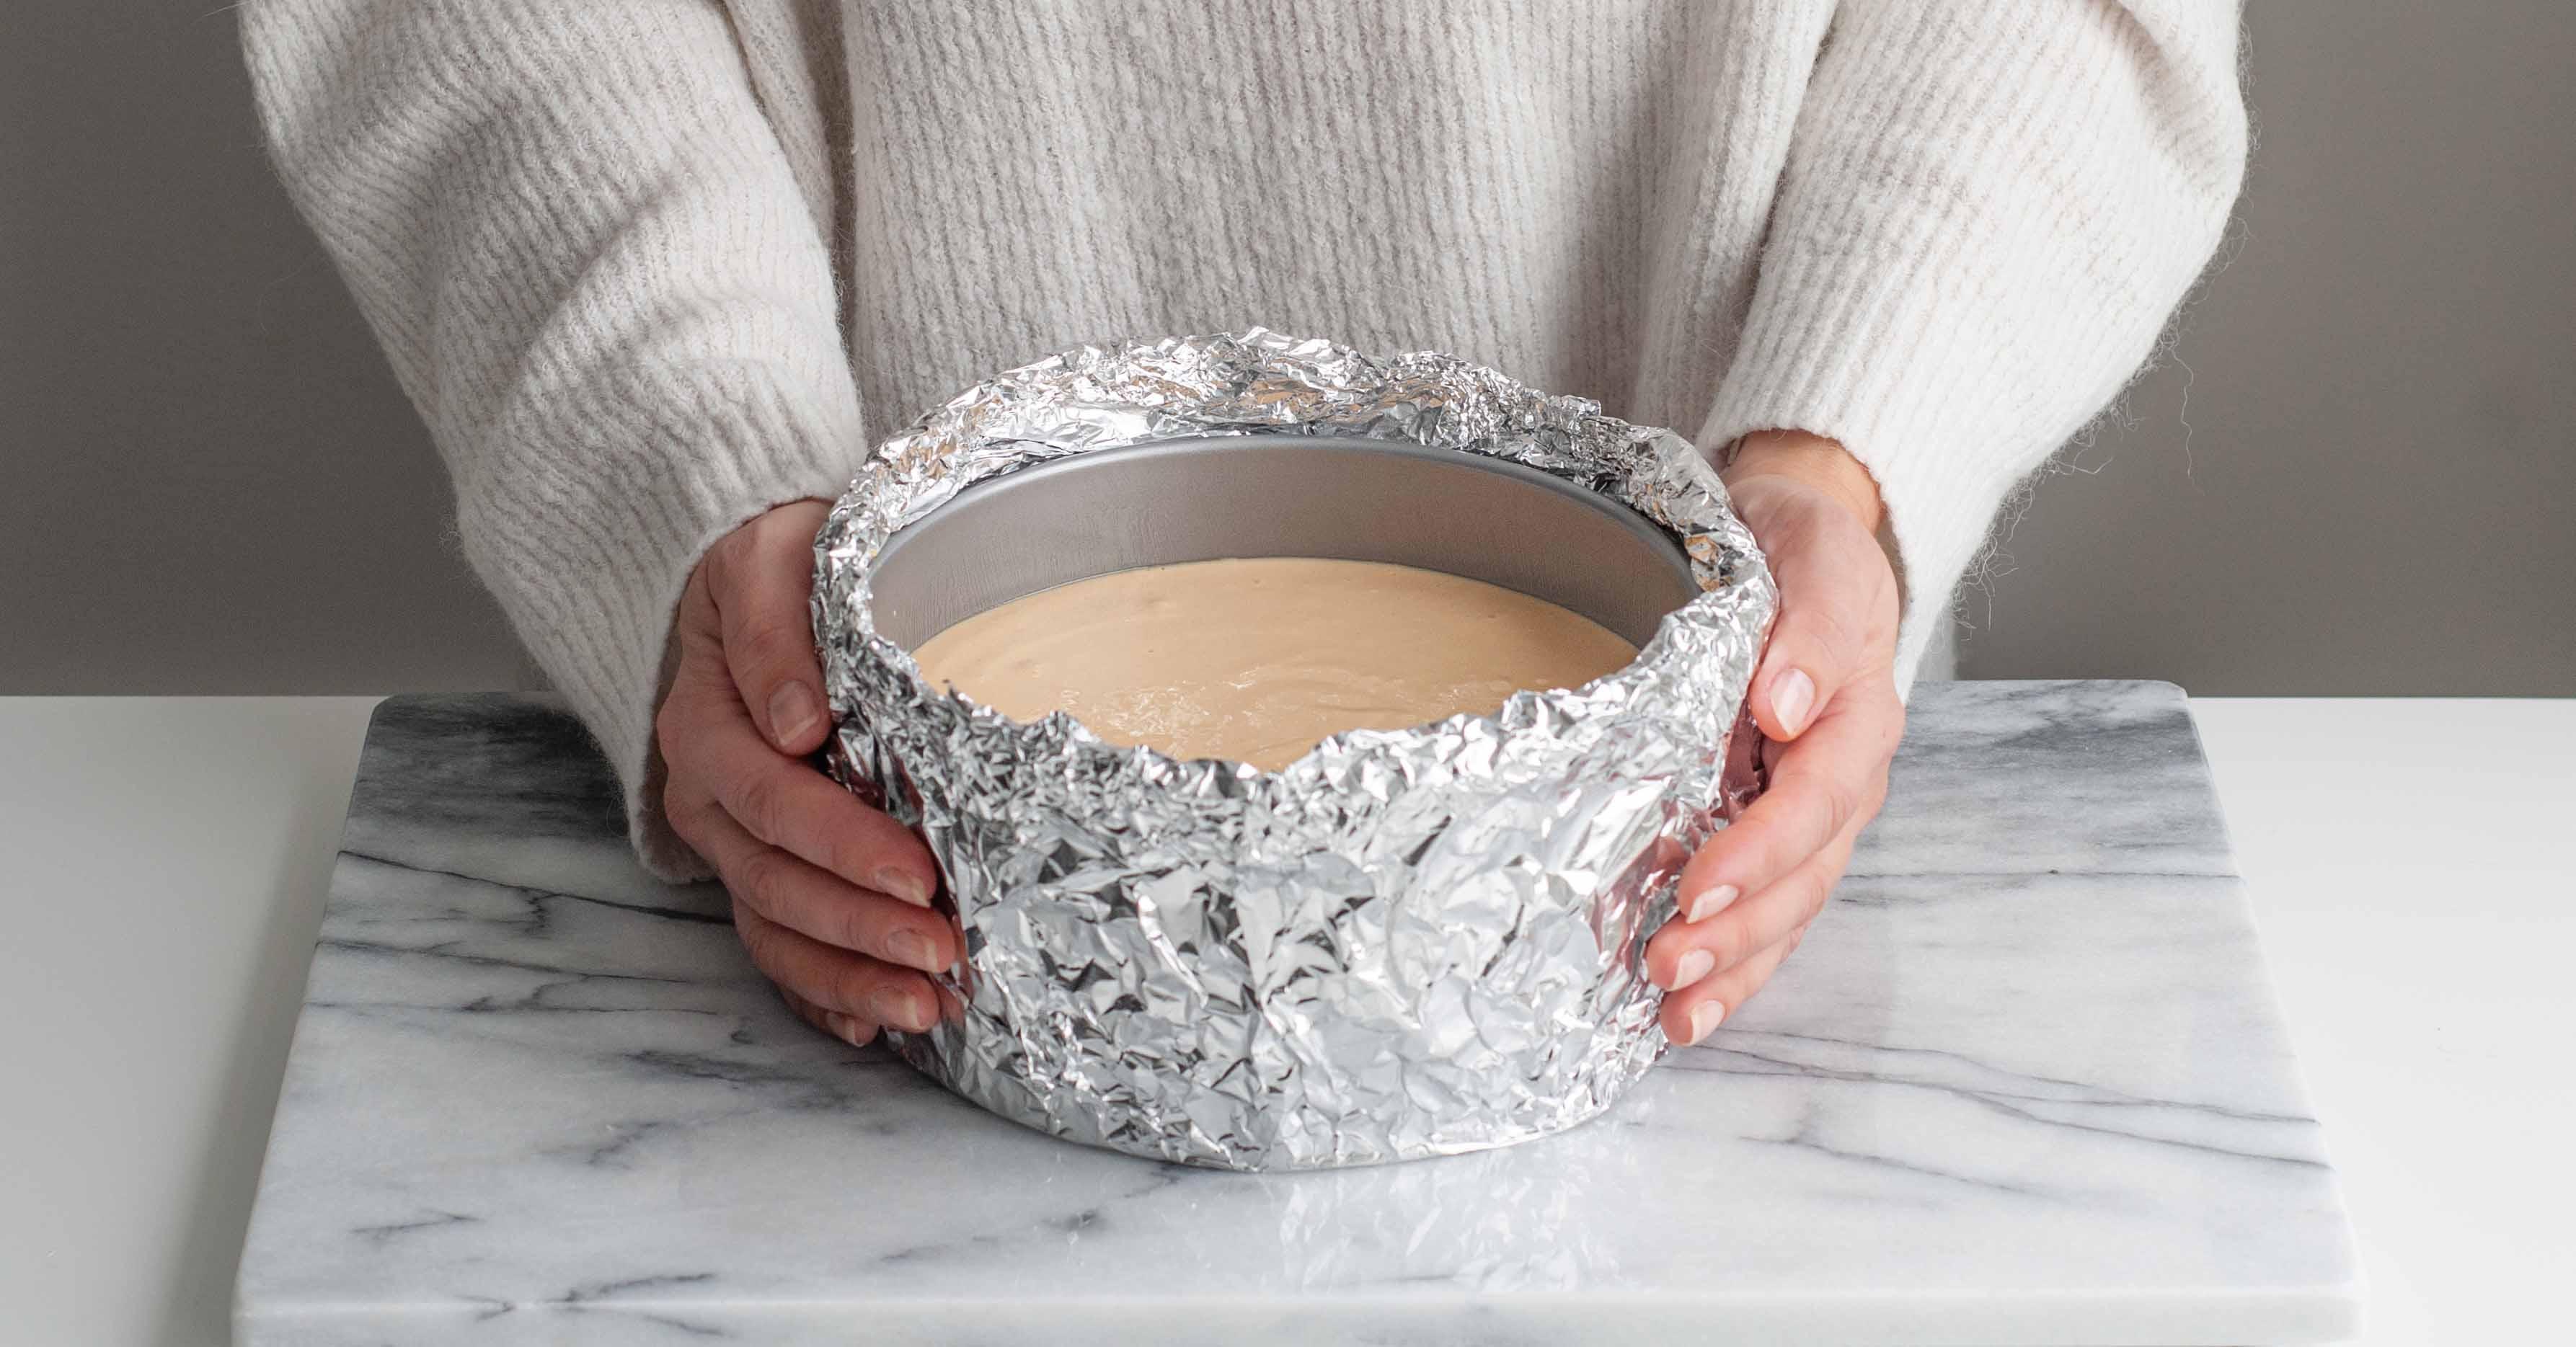 Bakform med aluminium i vattenbad för cheesecake